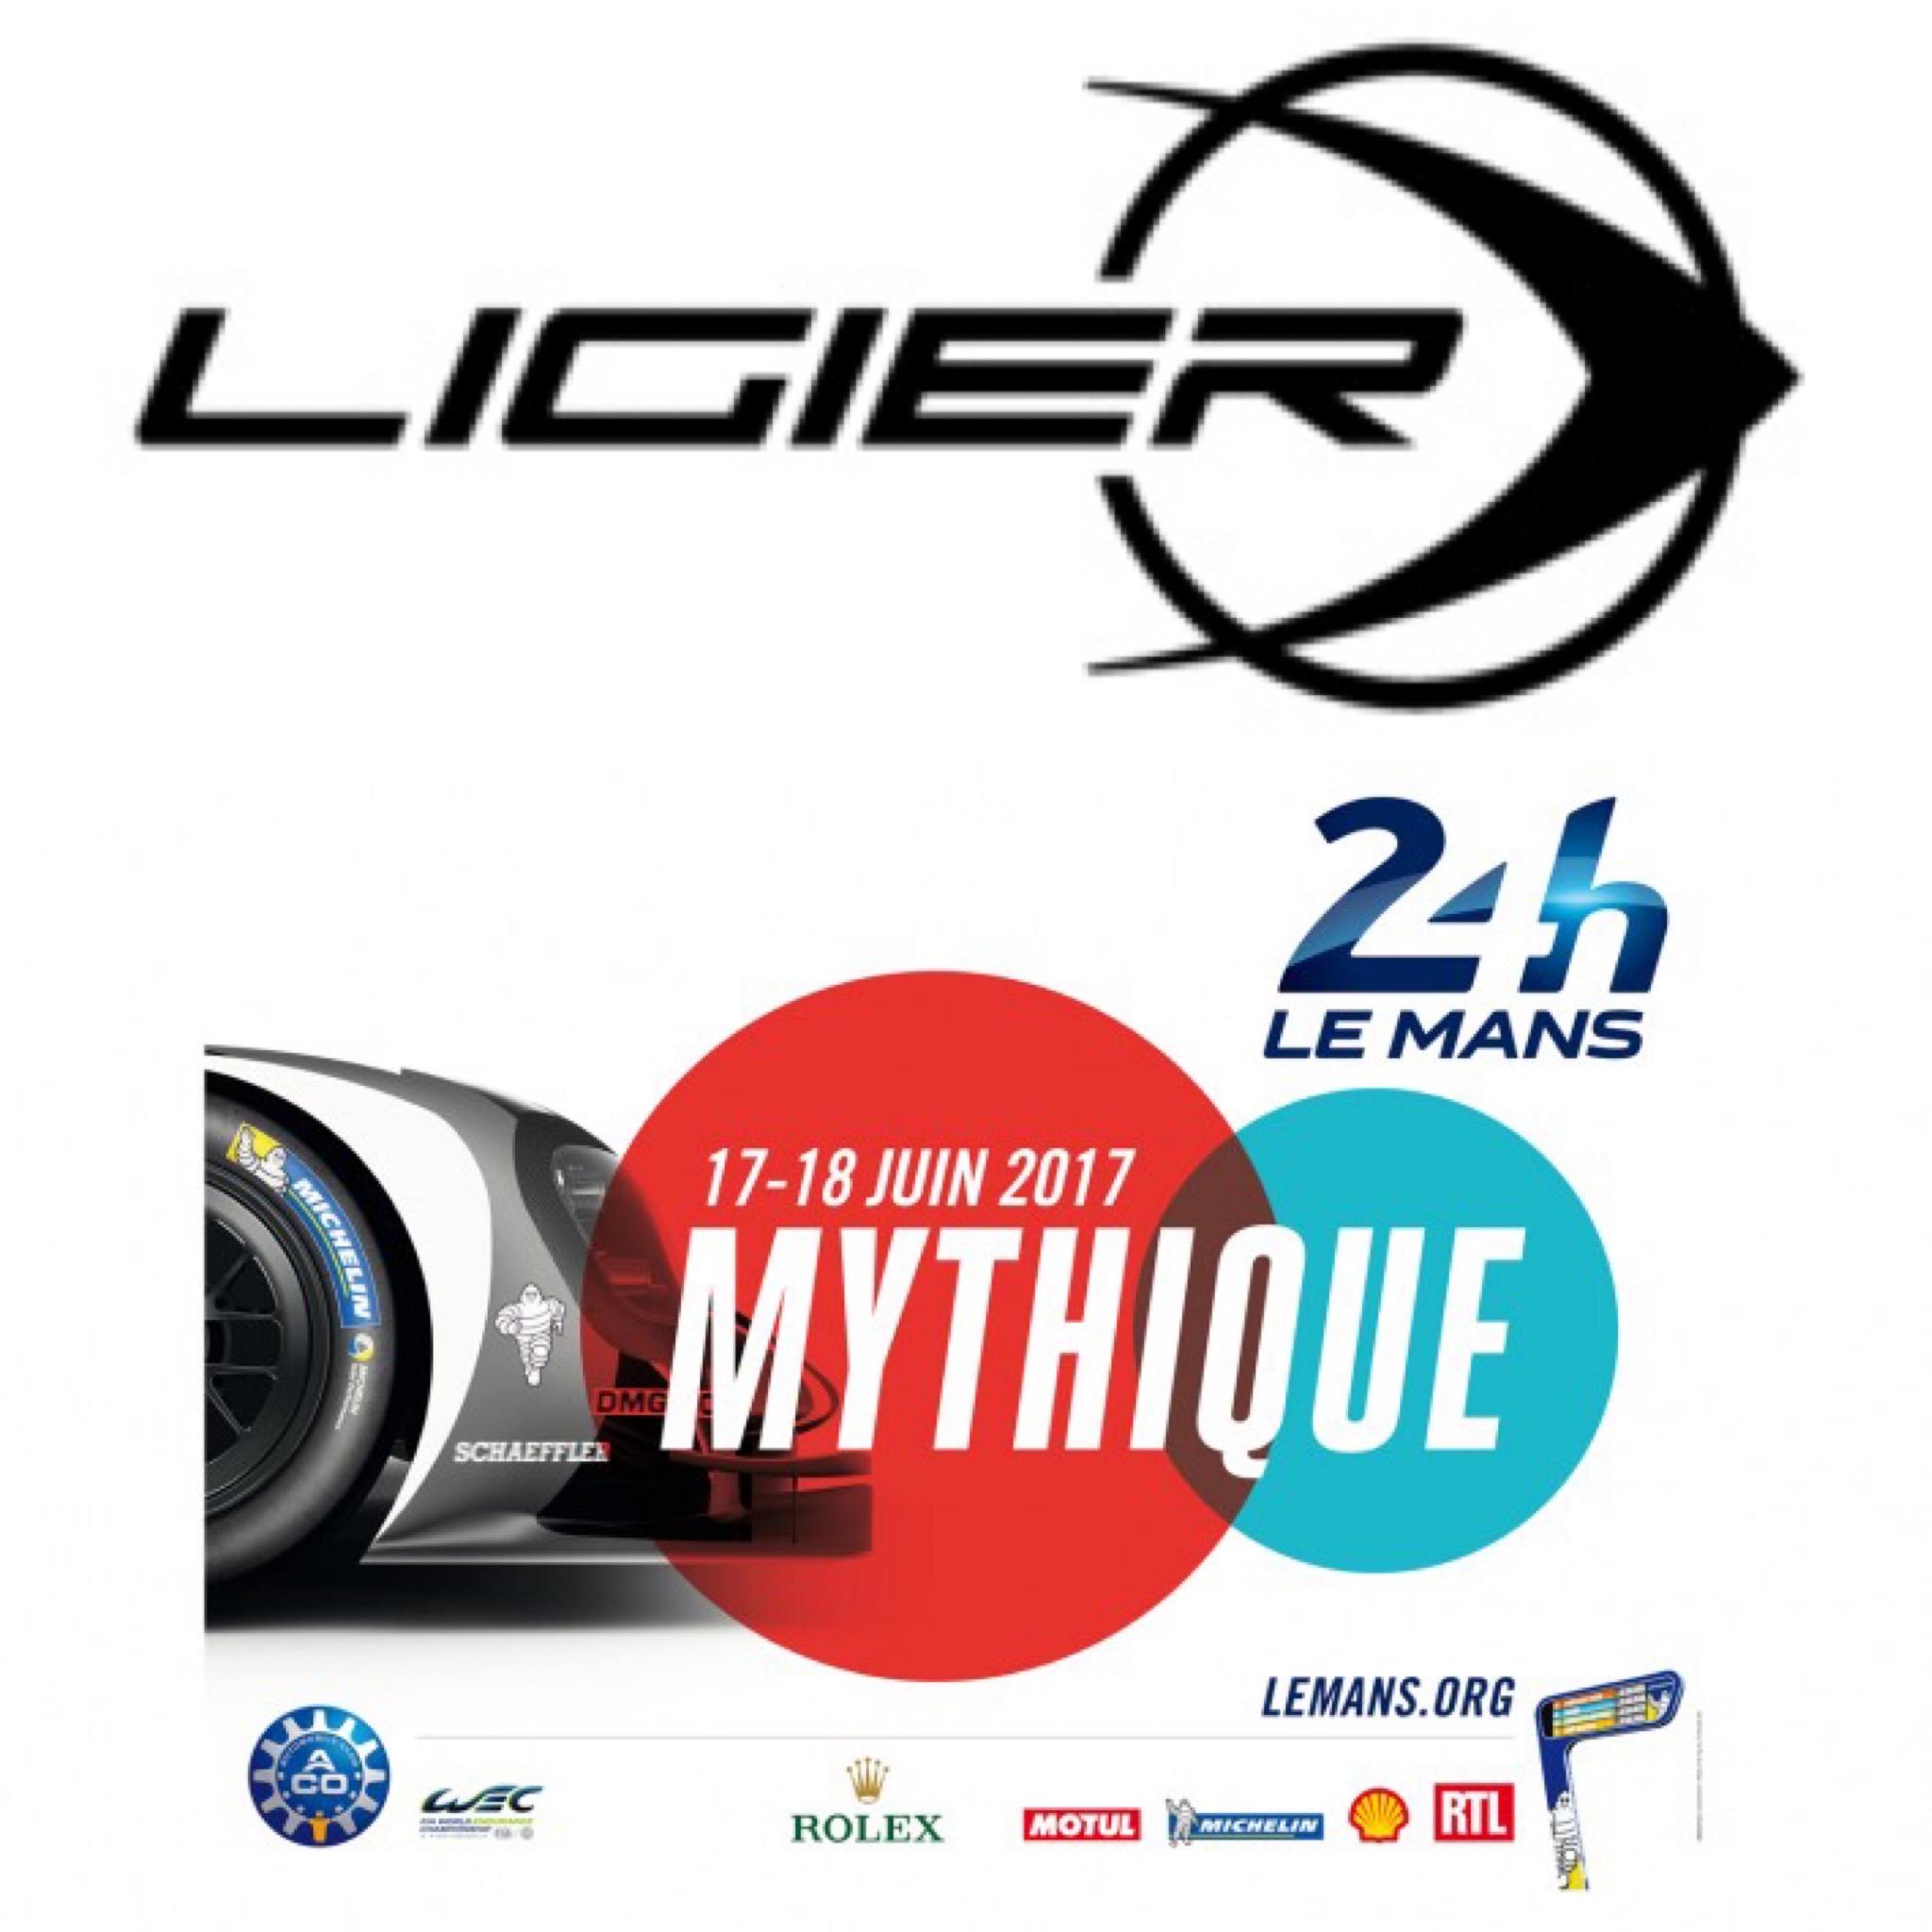 Ligier 24H 2017